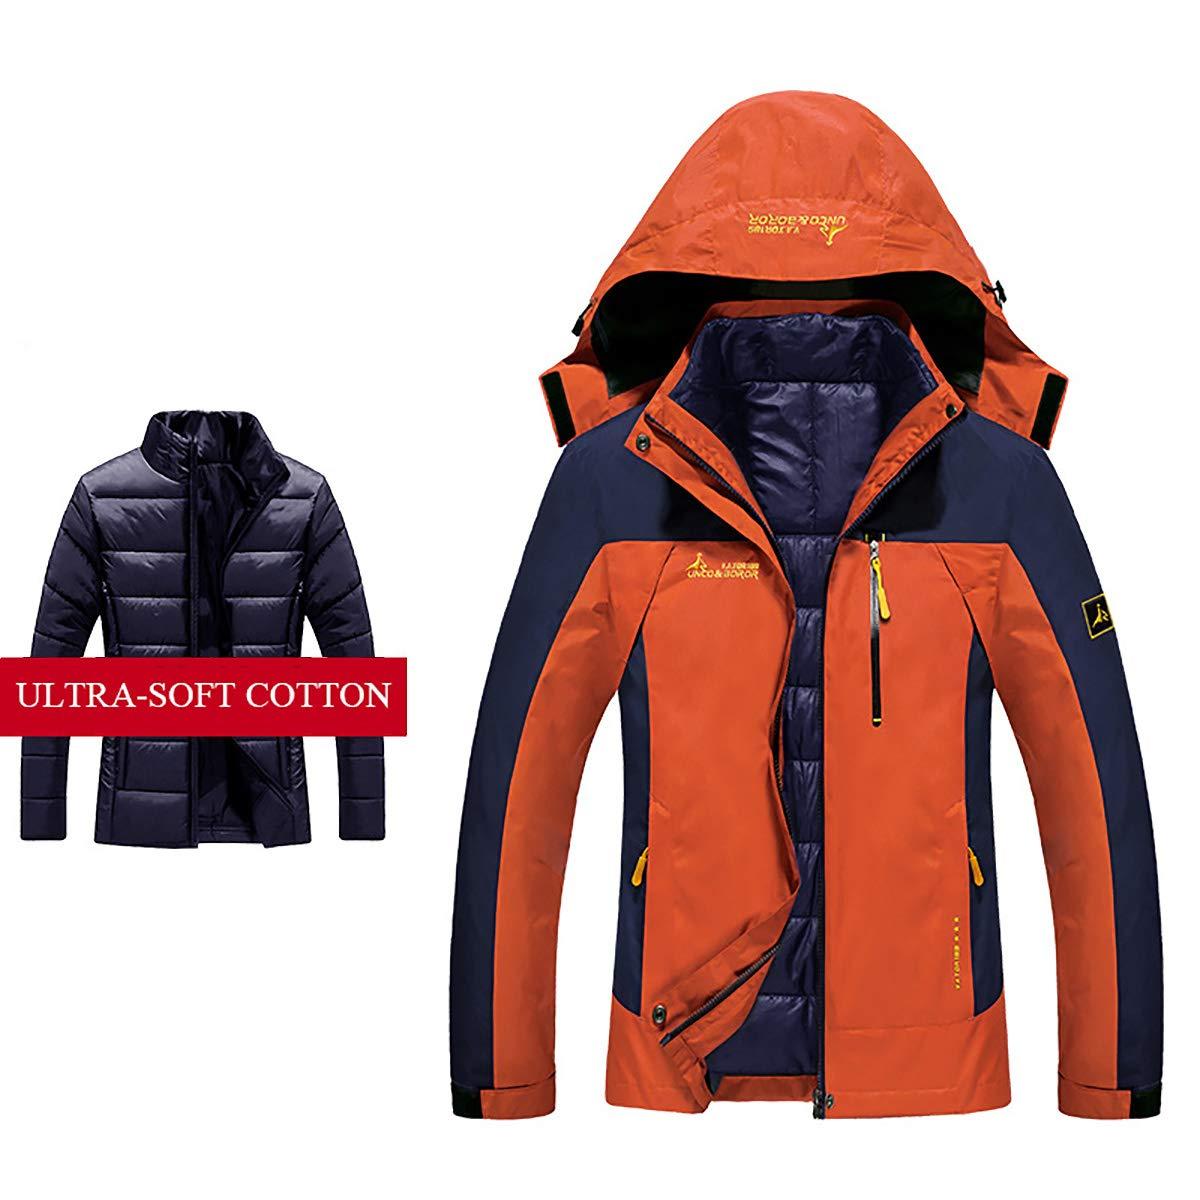 orange Women's Thicken Down Jacket, 3in1 Detachable Lined Mountaineering Sportswear Hooded Windproof Waterproof Warm Outdoor Jacket,Black,M